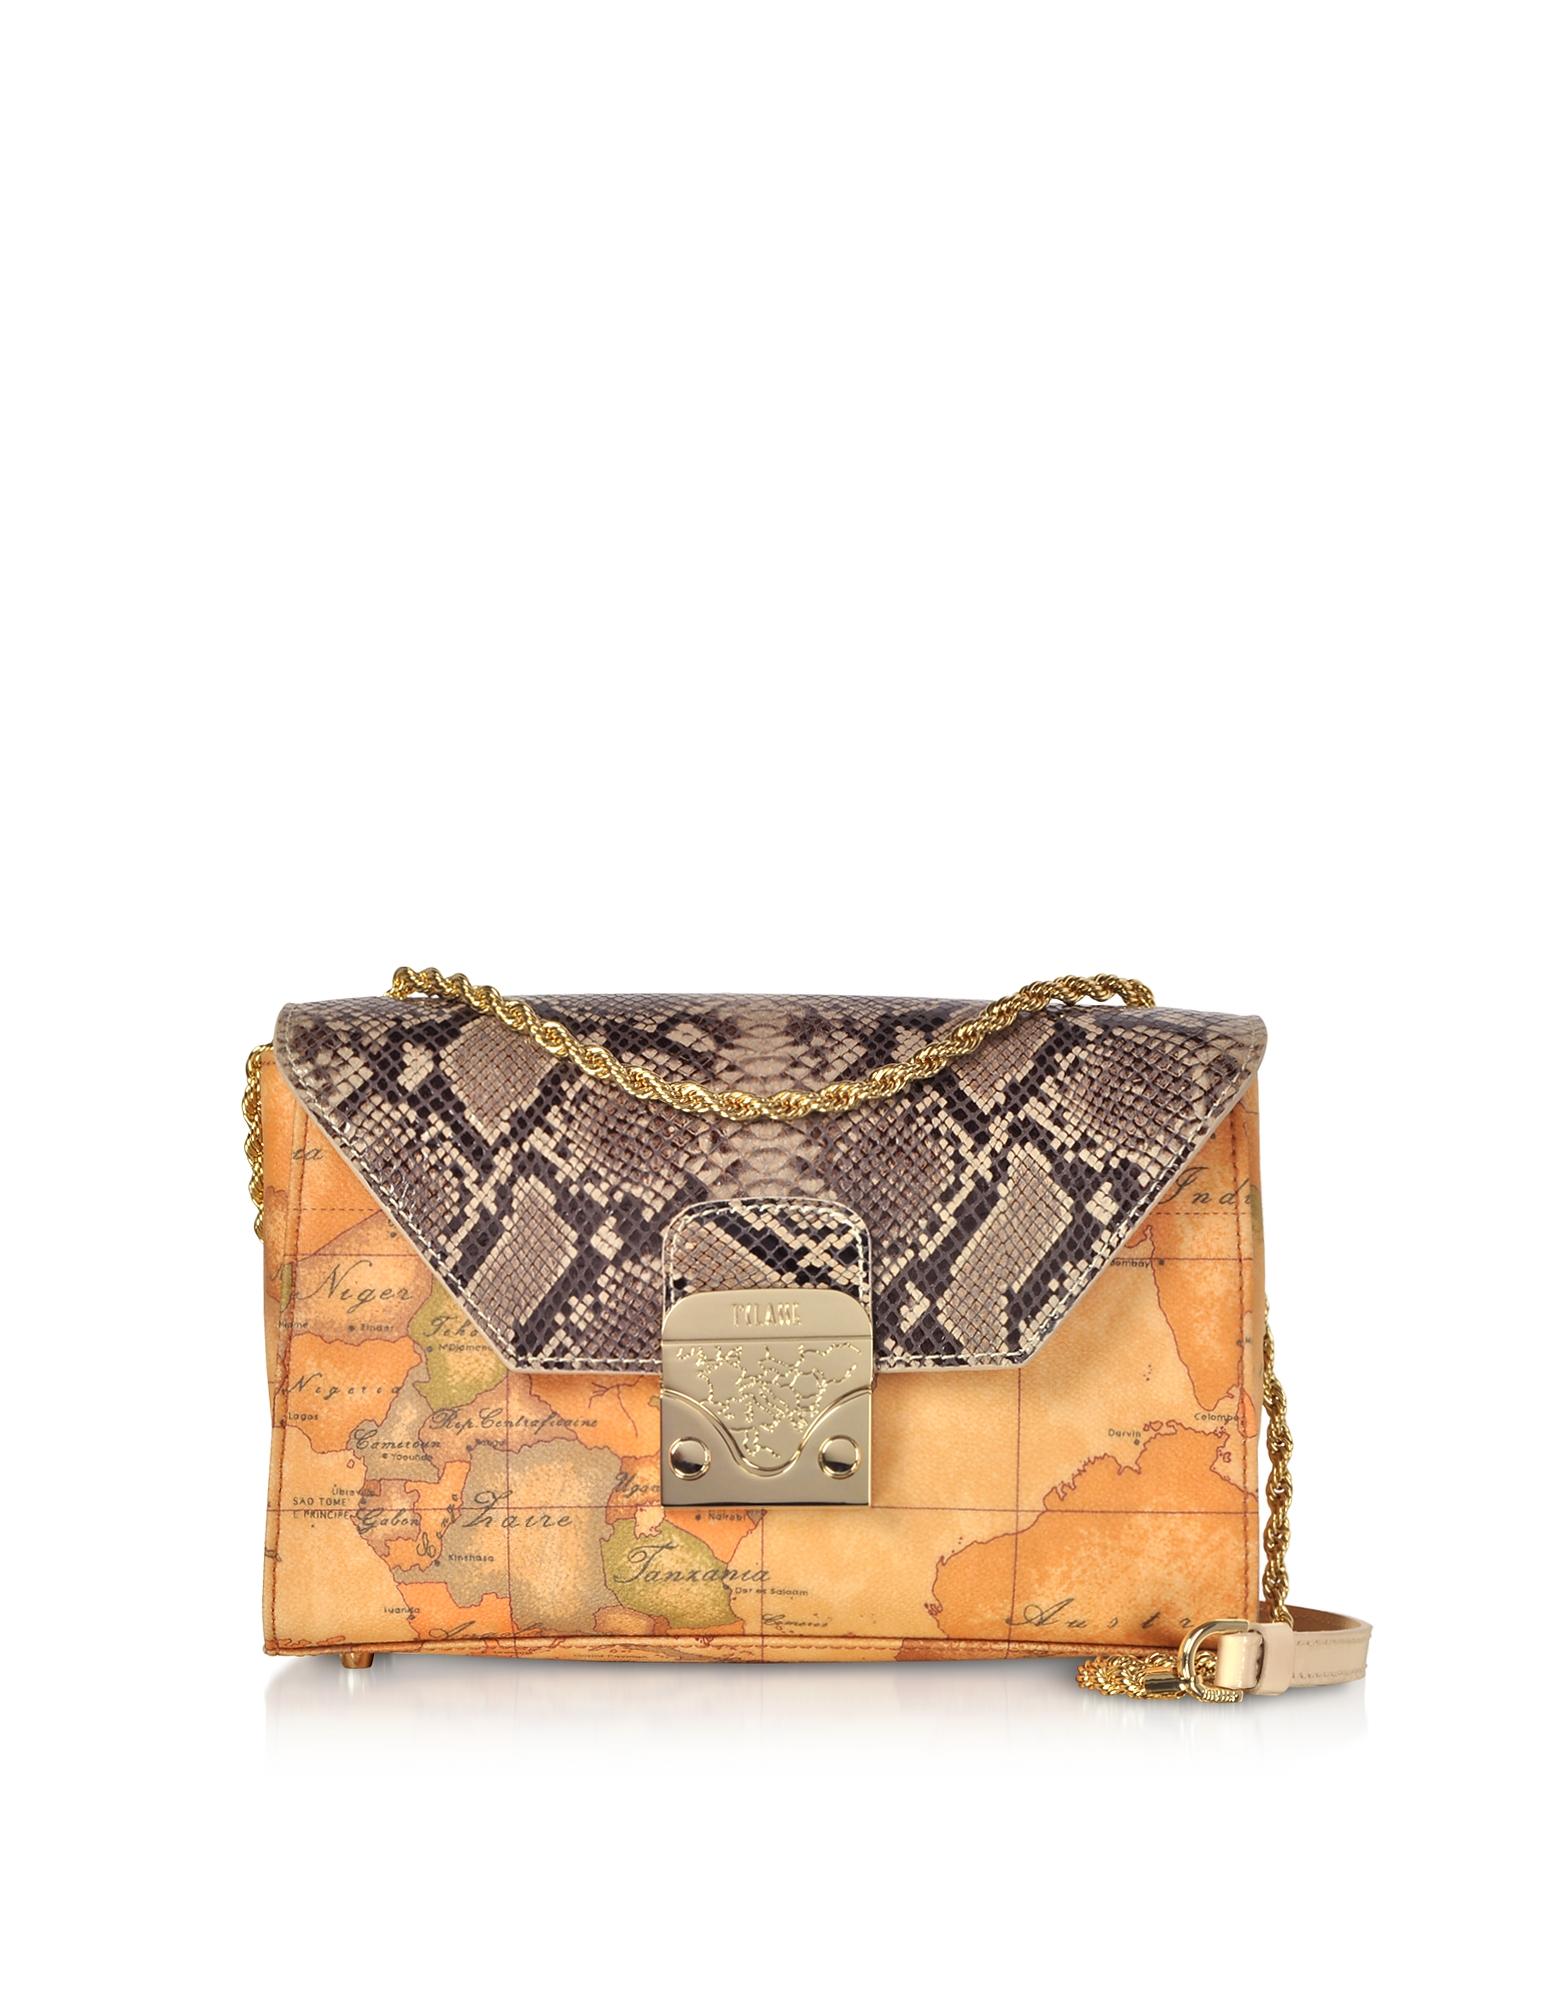 Reptile & Geo Printed Amor Crossbody Bag